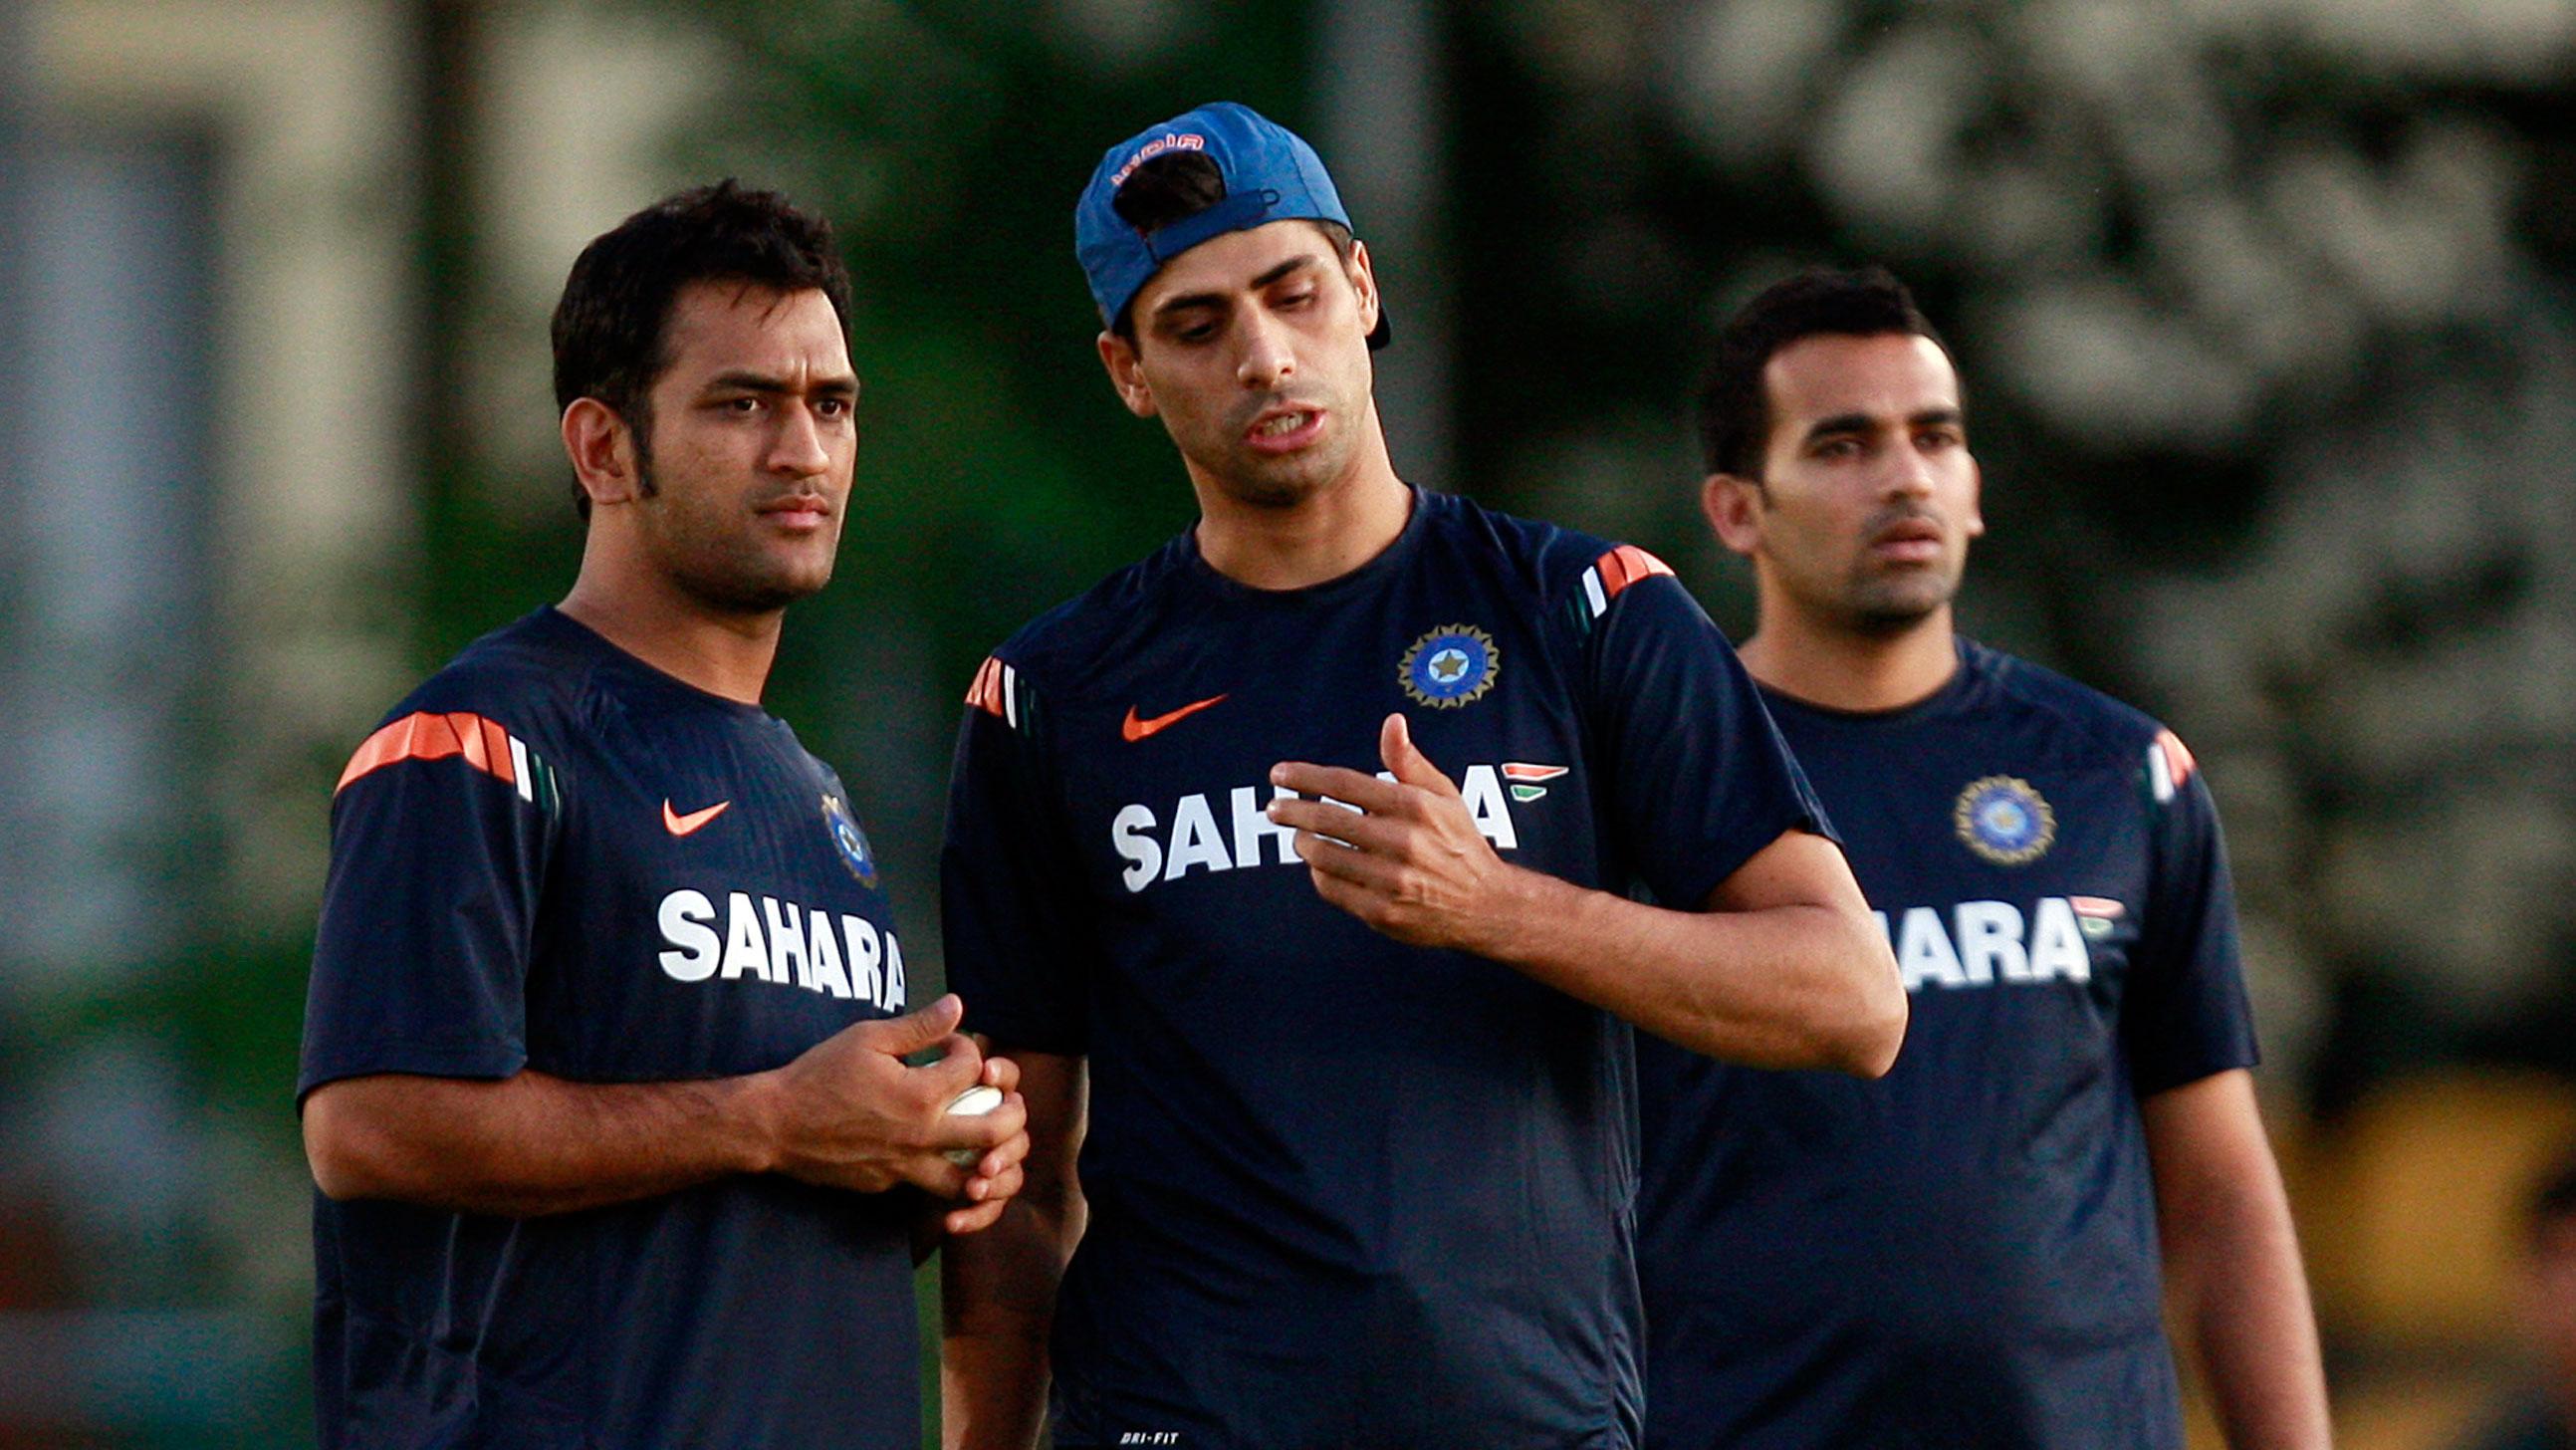 कोहली, धोनी व चयनकर्ताओ को नहीं बल्कि इन 2 दिग्गज खिलाड़ियों को दिया आशीष नेहरा ने अपनी वापसी का श्रेय 59